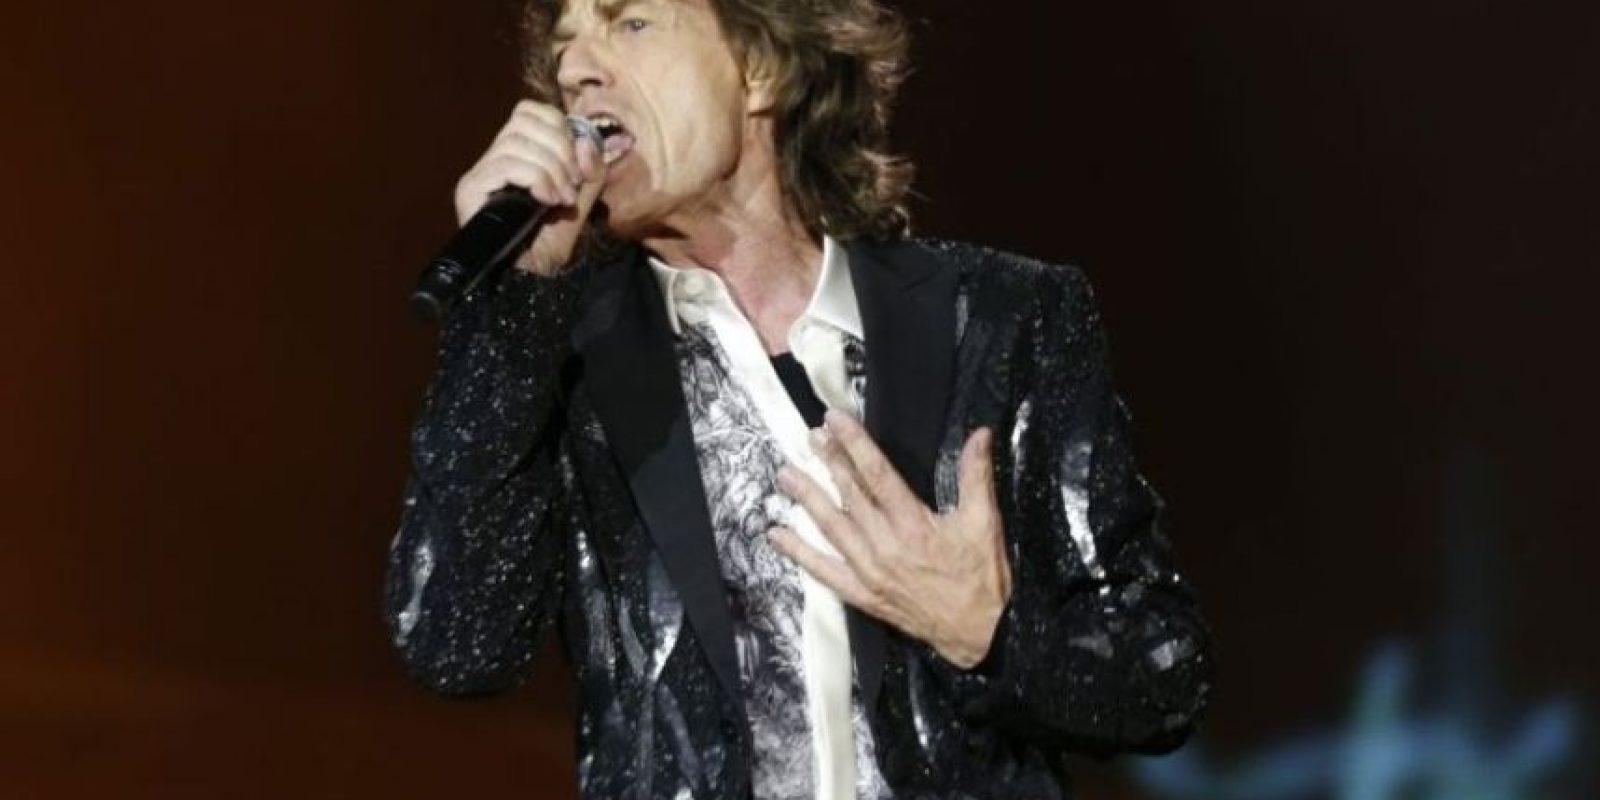 """Mick Jagger afirmó haber tenido dos encuentros cercanos con extraterrestres en su vida. El primero cuando acampaba con su entonces novia Marianne Faithfull, en Glastounbury, Inglaterra. Vio una """"nave nodriza."""" El segundo fue mientras estaba dando un concierto. Foto:Getty Images"""